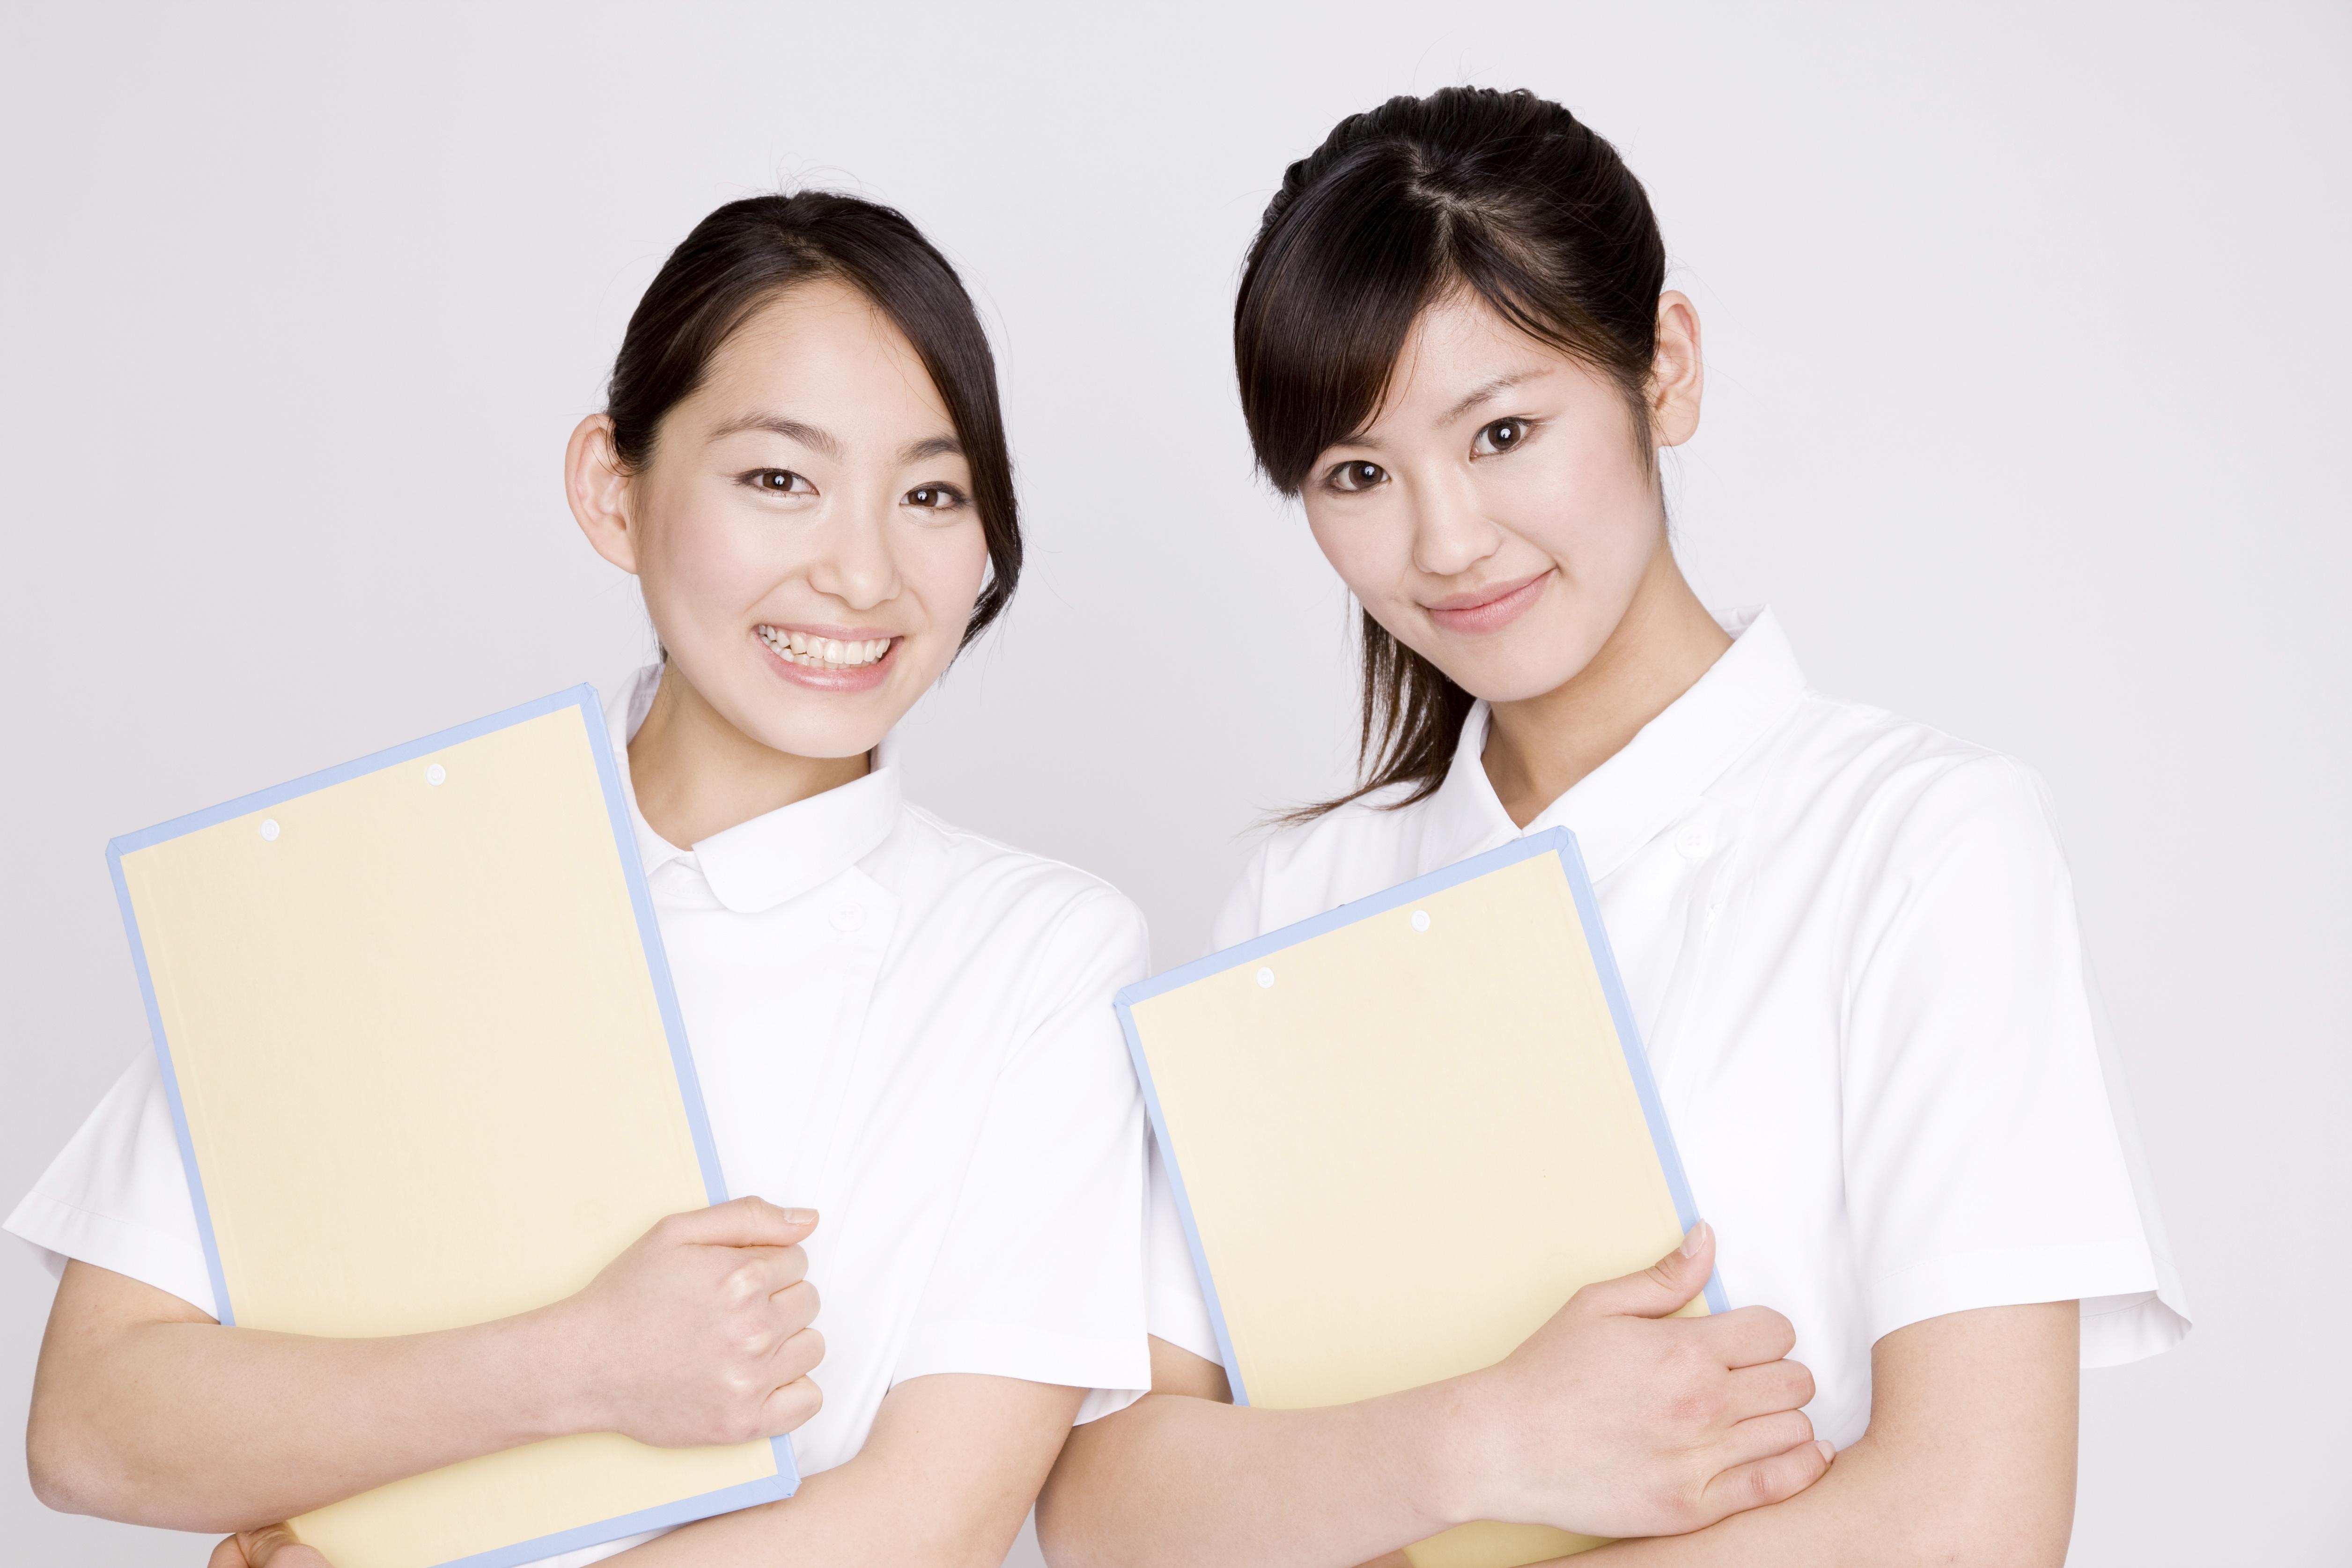 6月24日(日)「ココキレ♡フェスタ」in 奈良のアイキャッチ画像